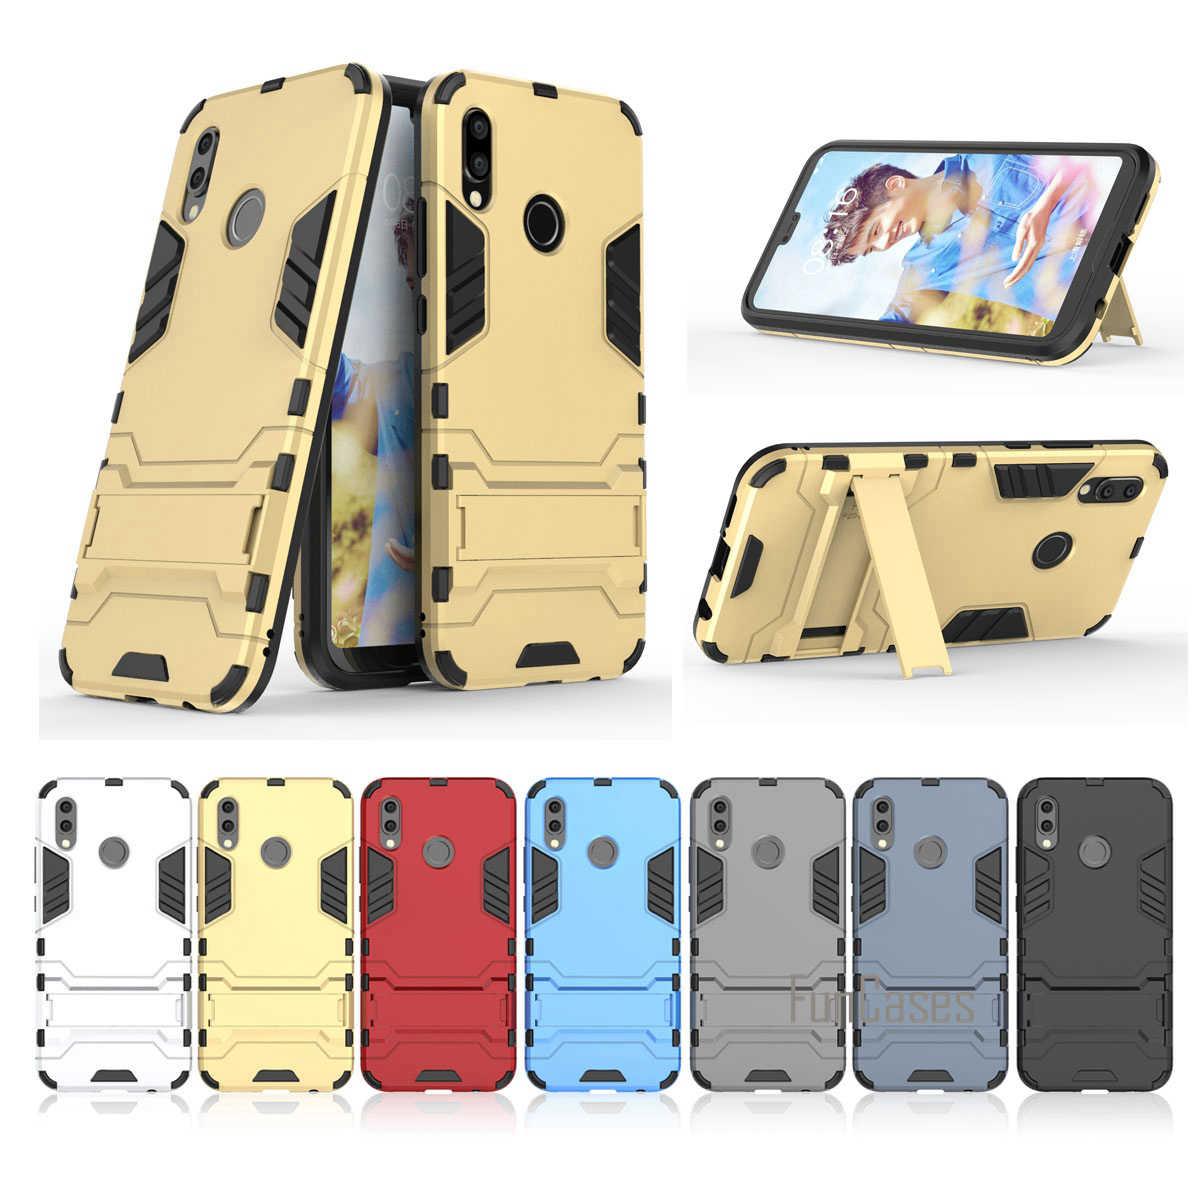 Mạnh Ốp Lưng Điện Thoại Huawei P20 Lite Coque Giáp Thả Bộ Thể Thao Lưng Capa Dùng Cho Huawei P20 Lite Fundas nắp Lưng